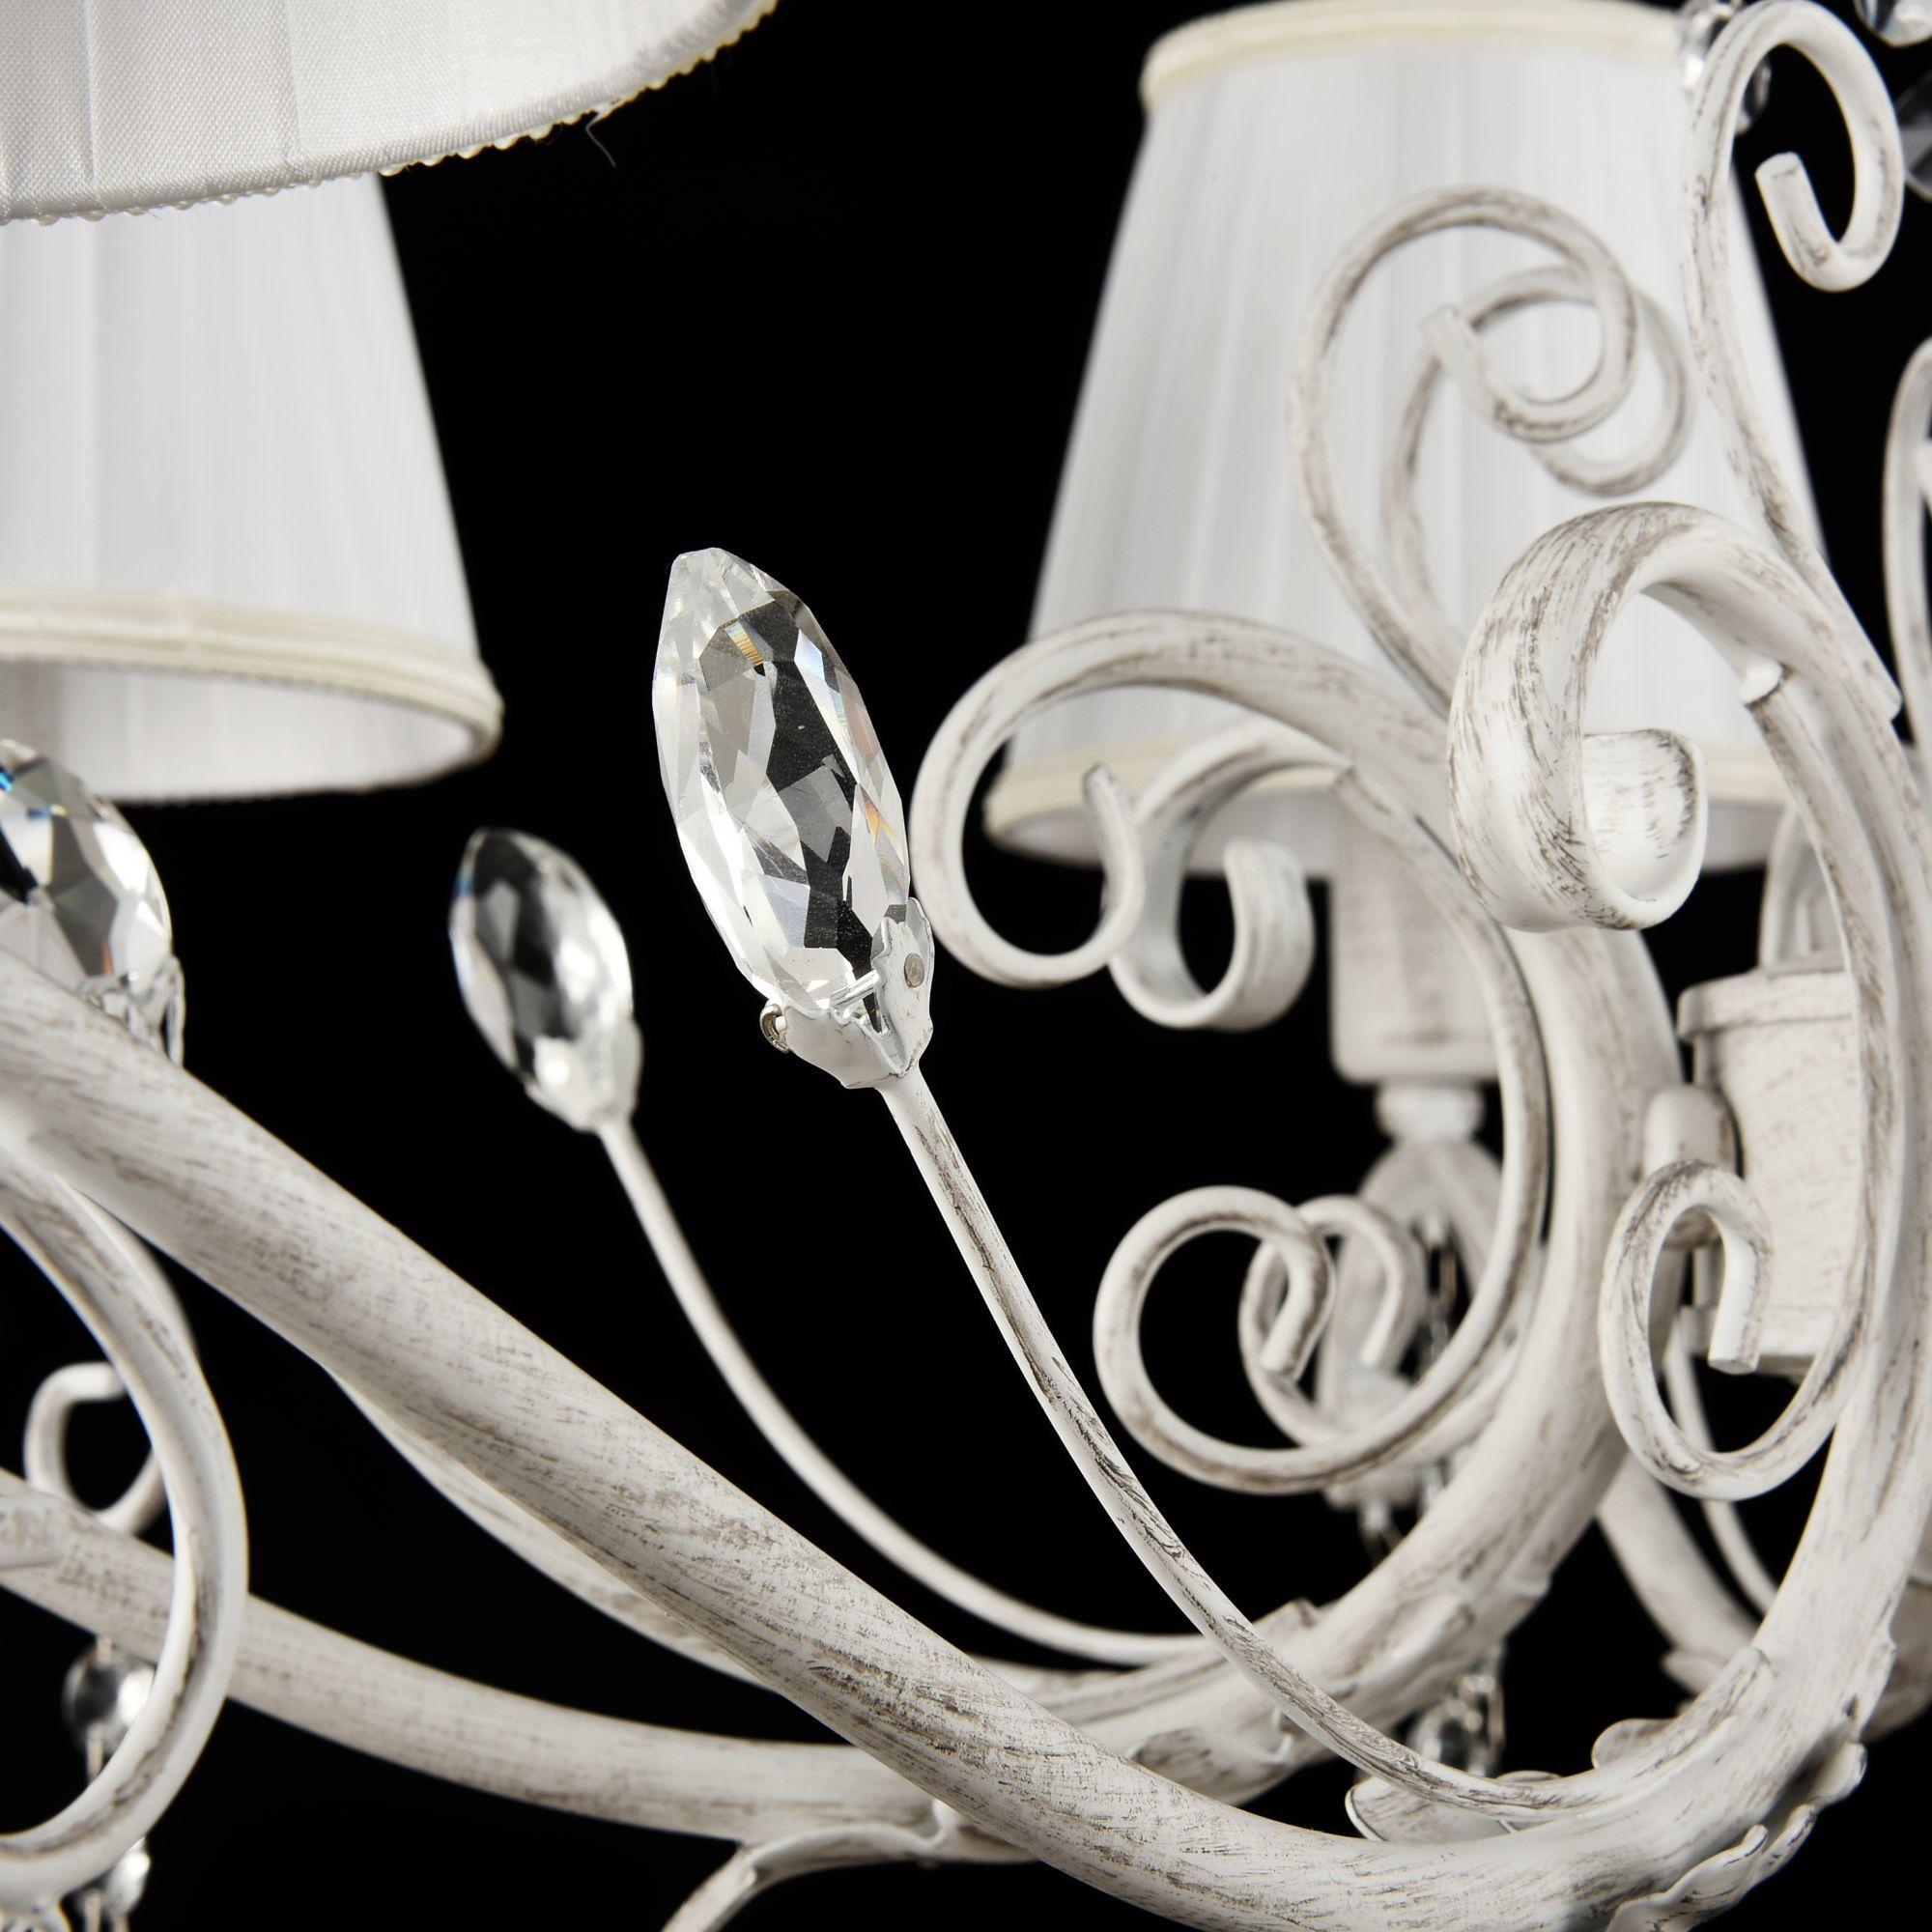 Подвесная люстра Freya Liviano FR2613-PL-08-W (FR613-08-WG), 8xE14x40W, белый с золотой патиной, белый, прозрачный, металл, текстиль, хрусталь - фото 5